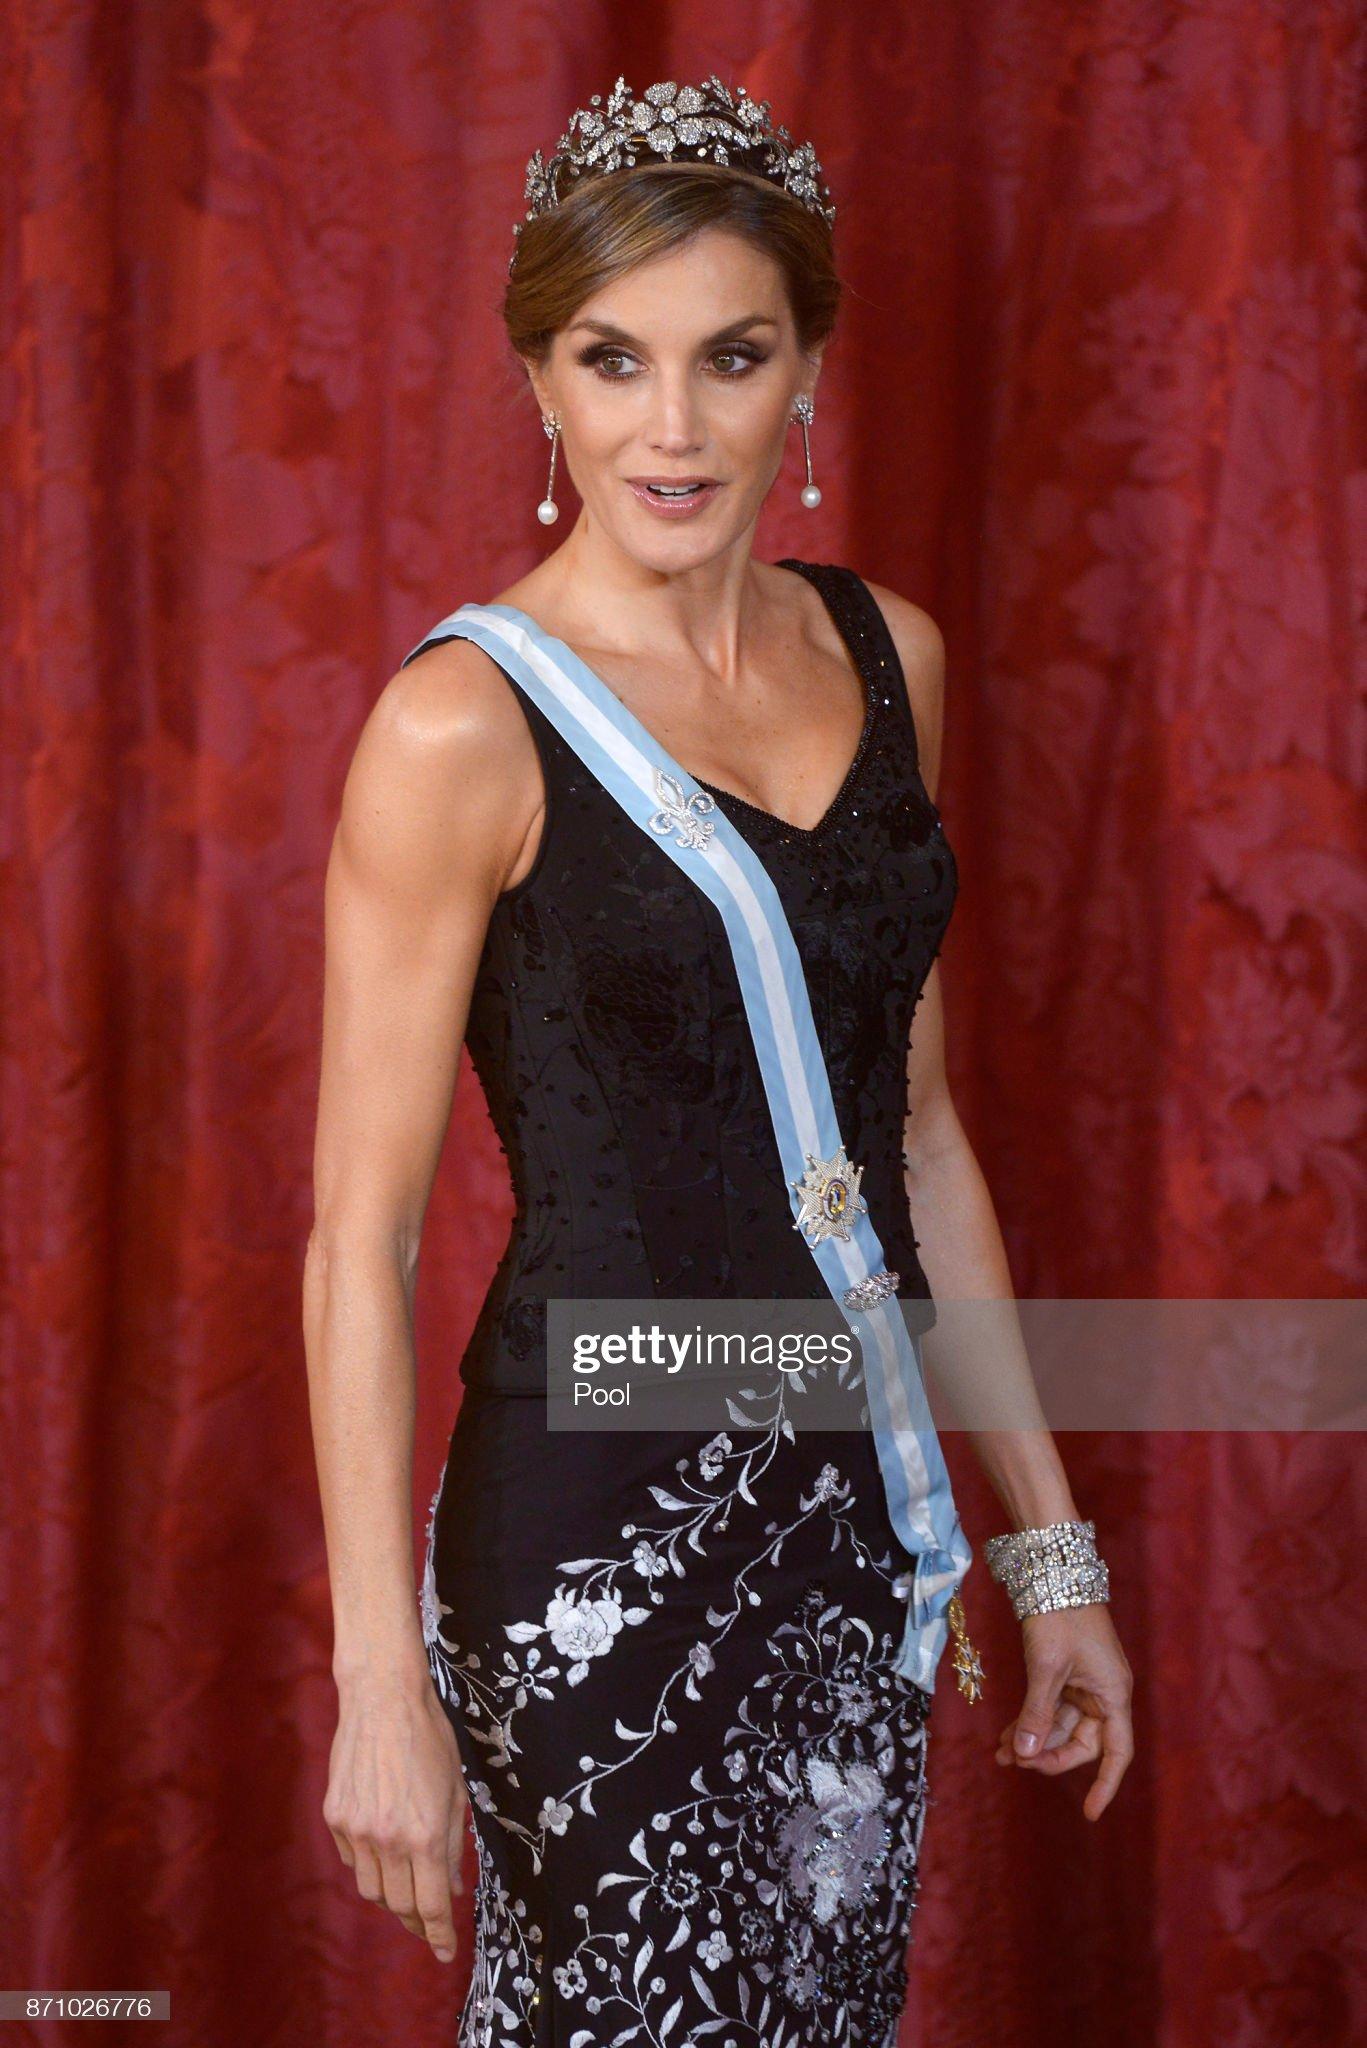 Spanish Royals Host Official Dinner For Israel President : News Photo